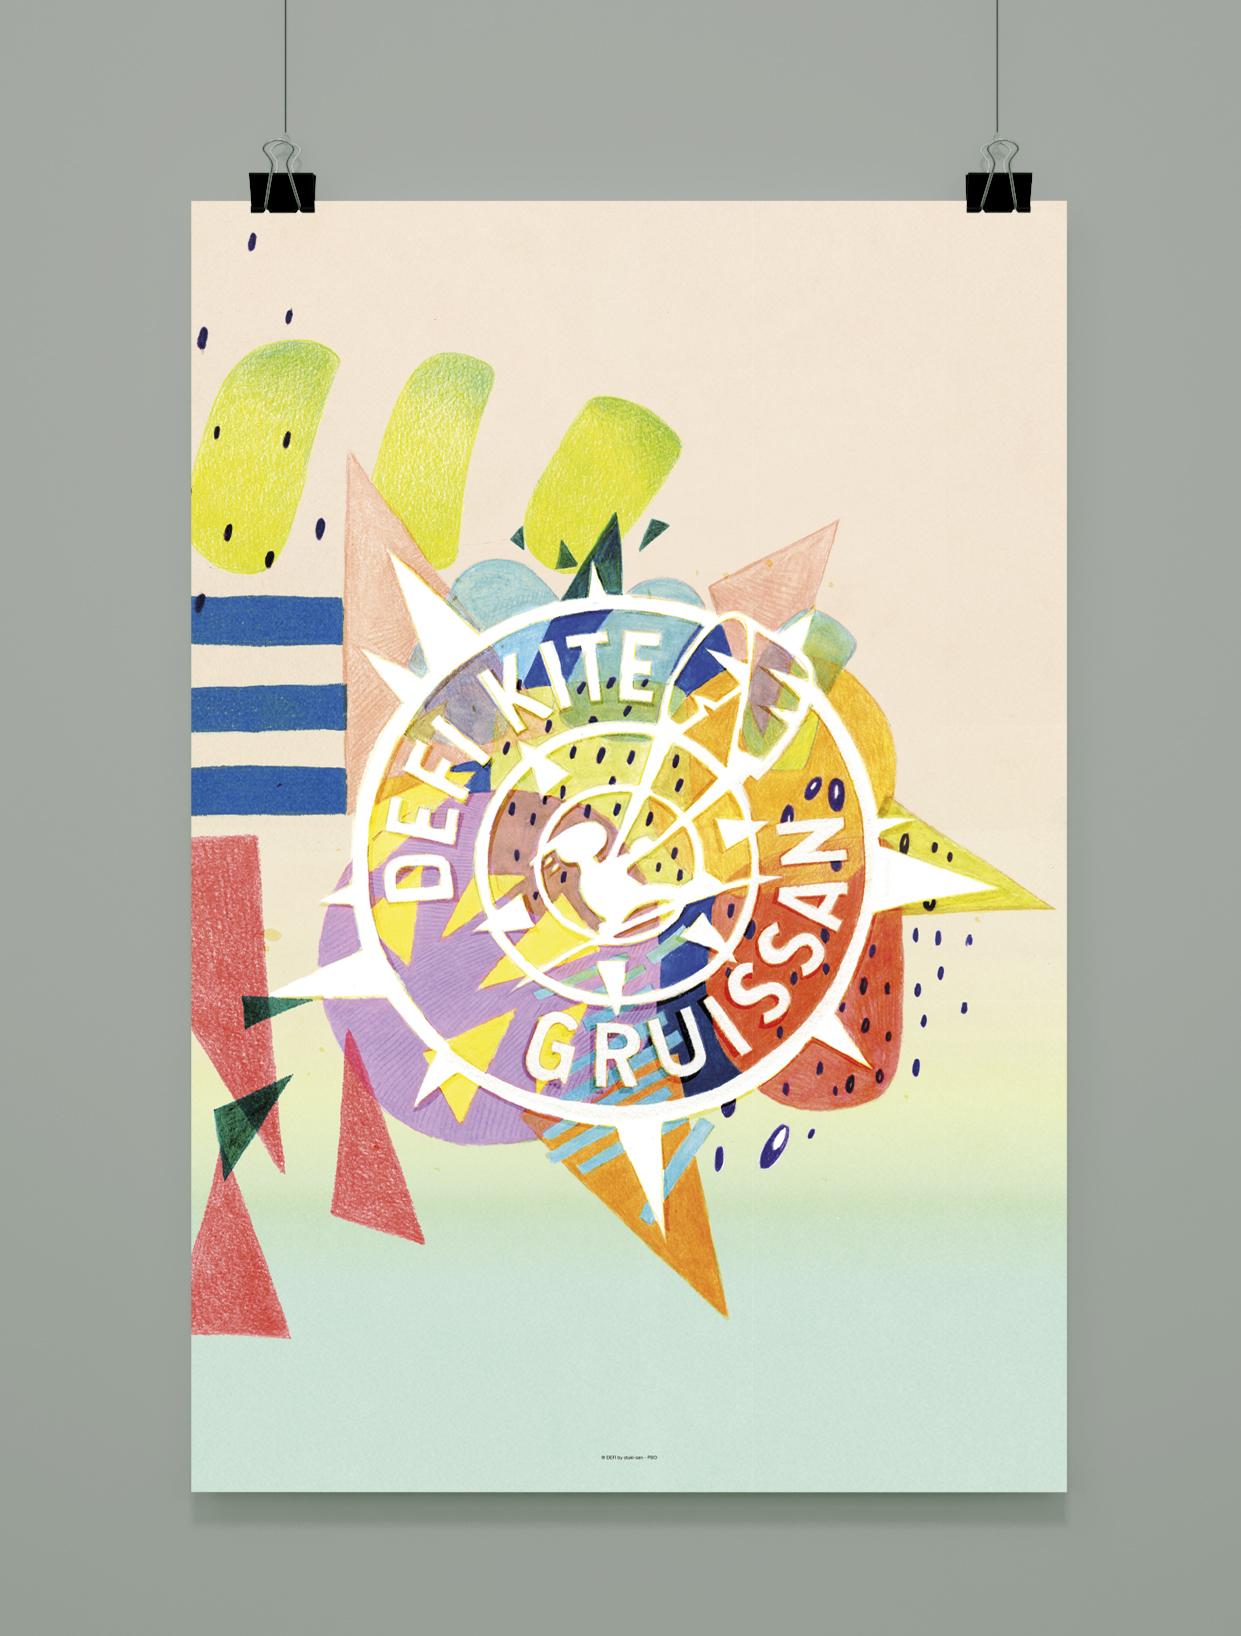 affiche-kite19